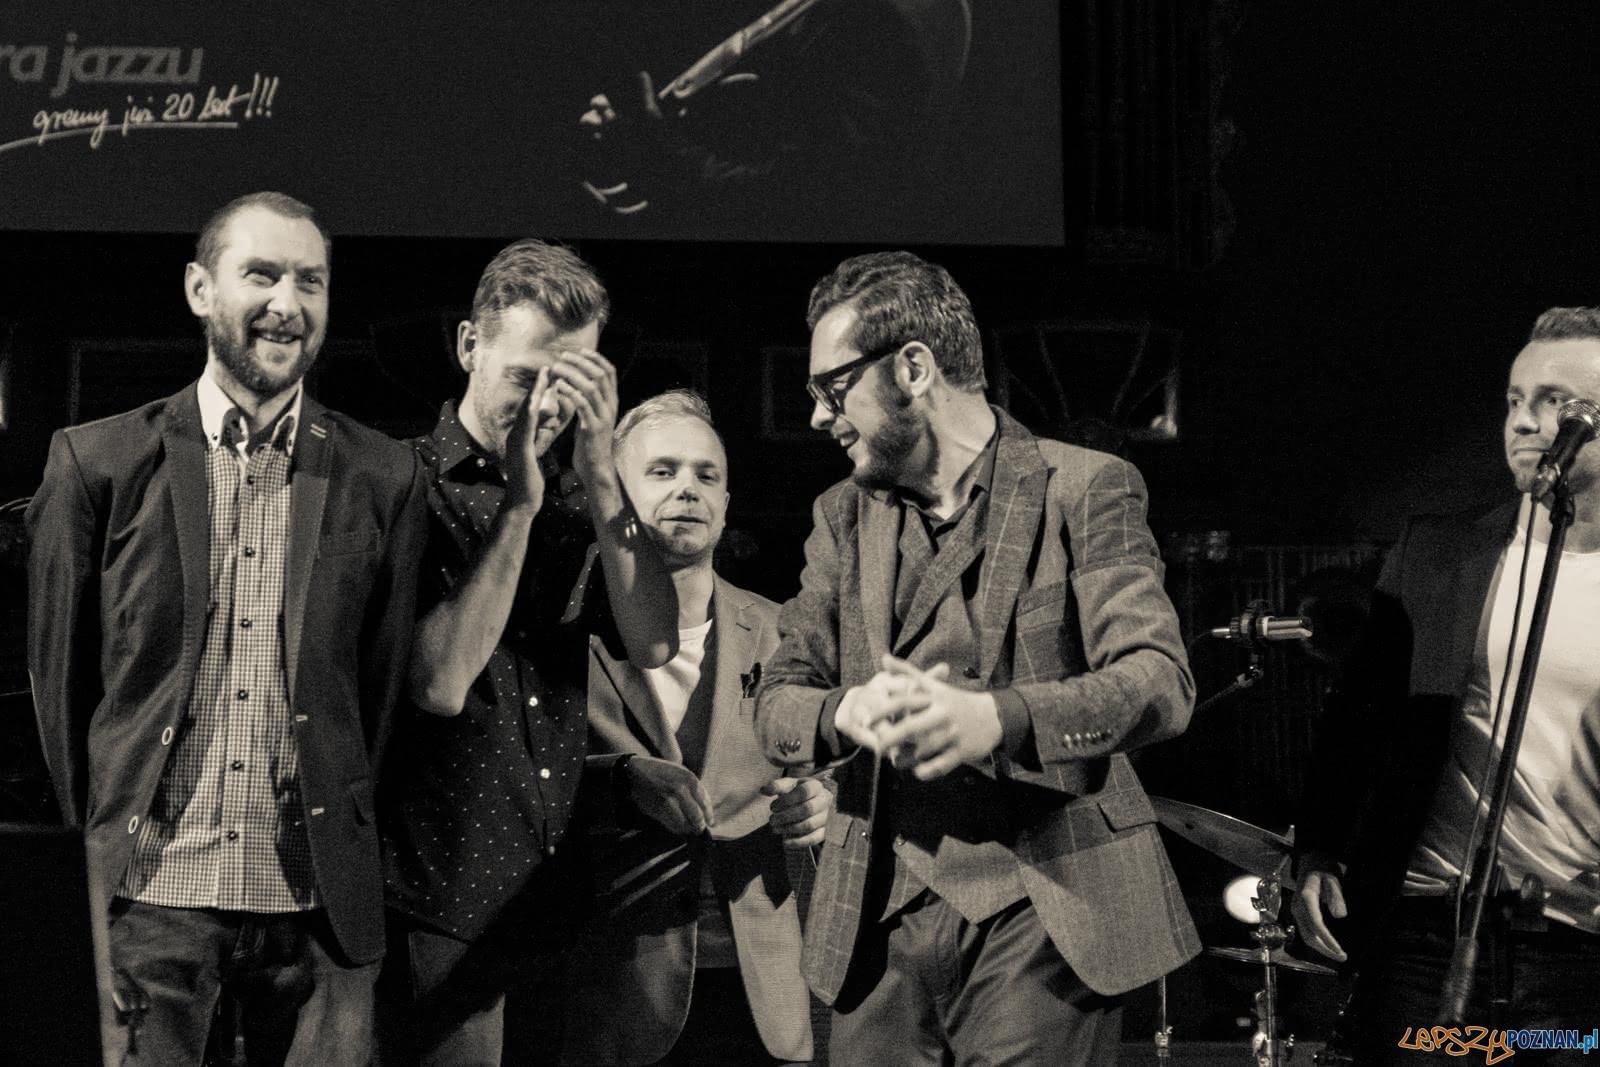 Era jazzu 2018 - Gala zamknięcia  Foto: lepszyPOZNAN.pl / Ewelina Jaskowiak